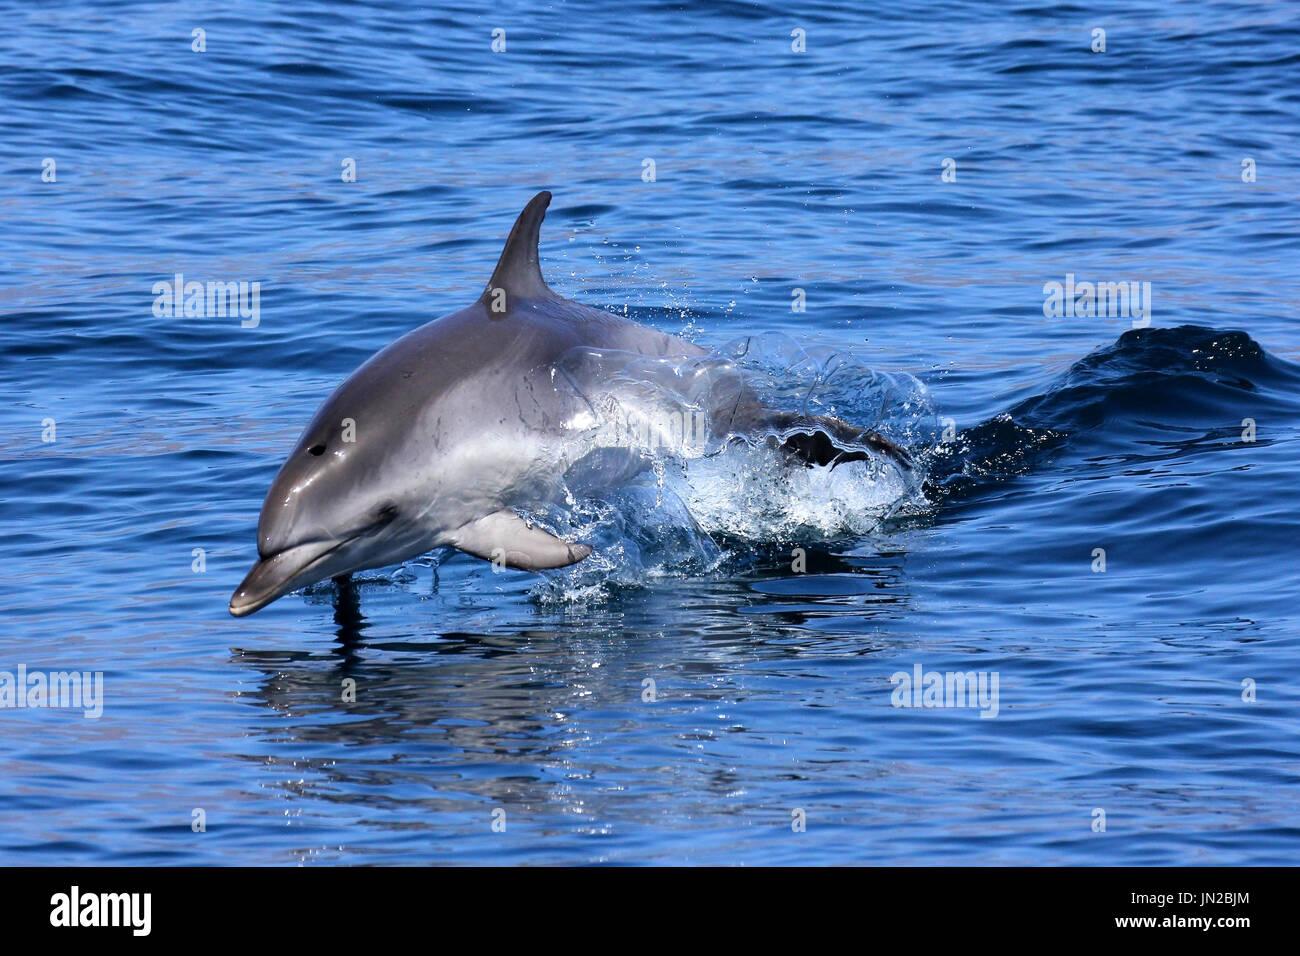 Ein jugendlicher Atlantischer Fleckendelfin (stenella frontalis) neben dem Boot springen Stockbild